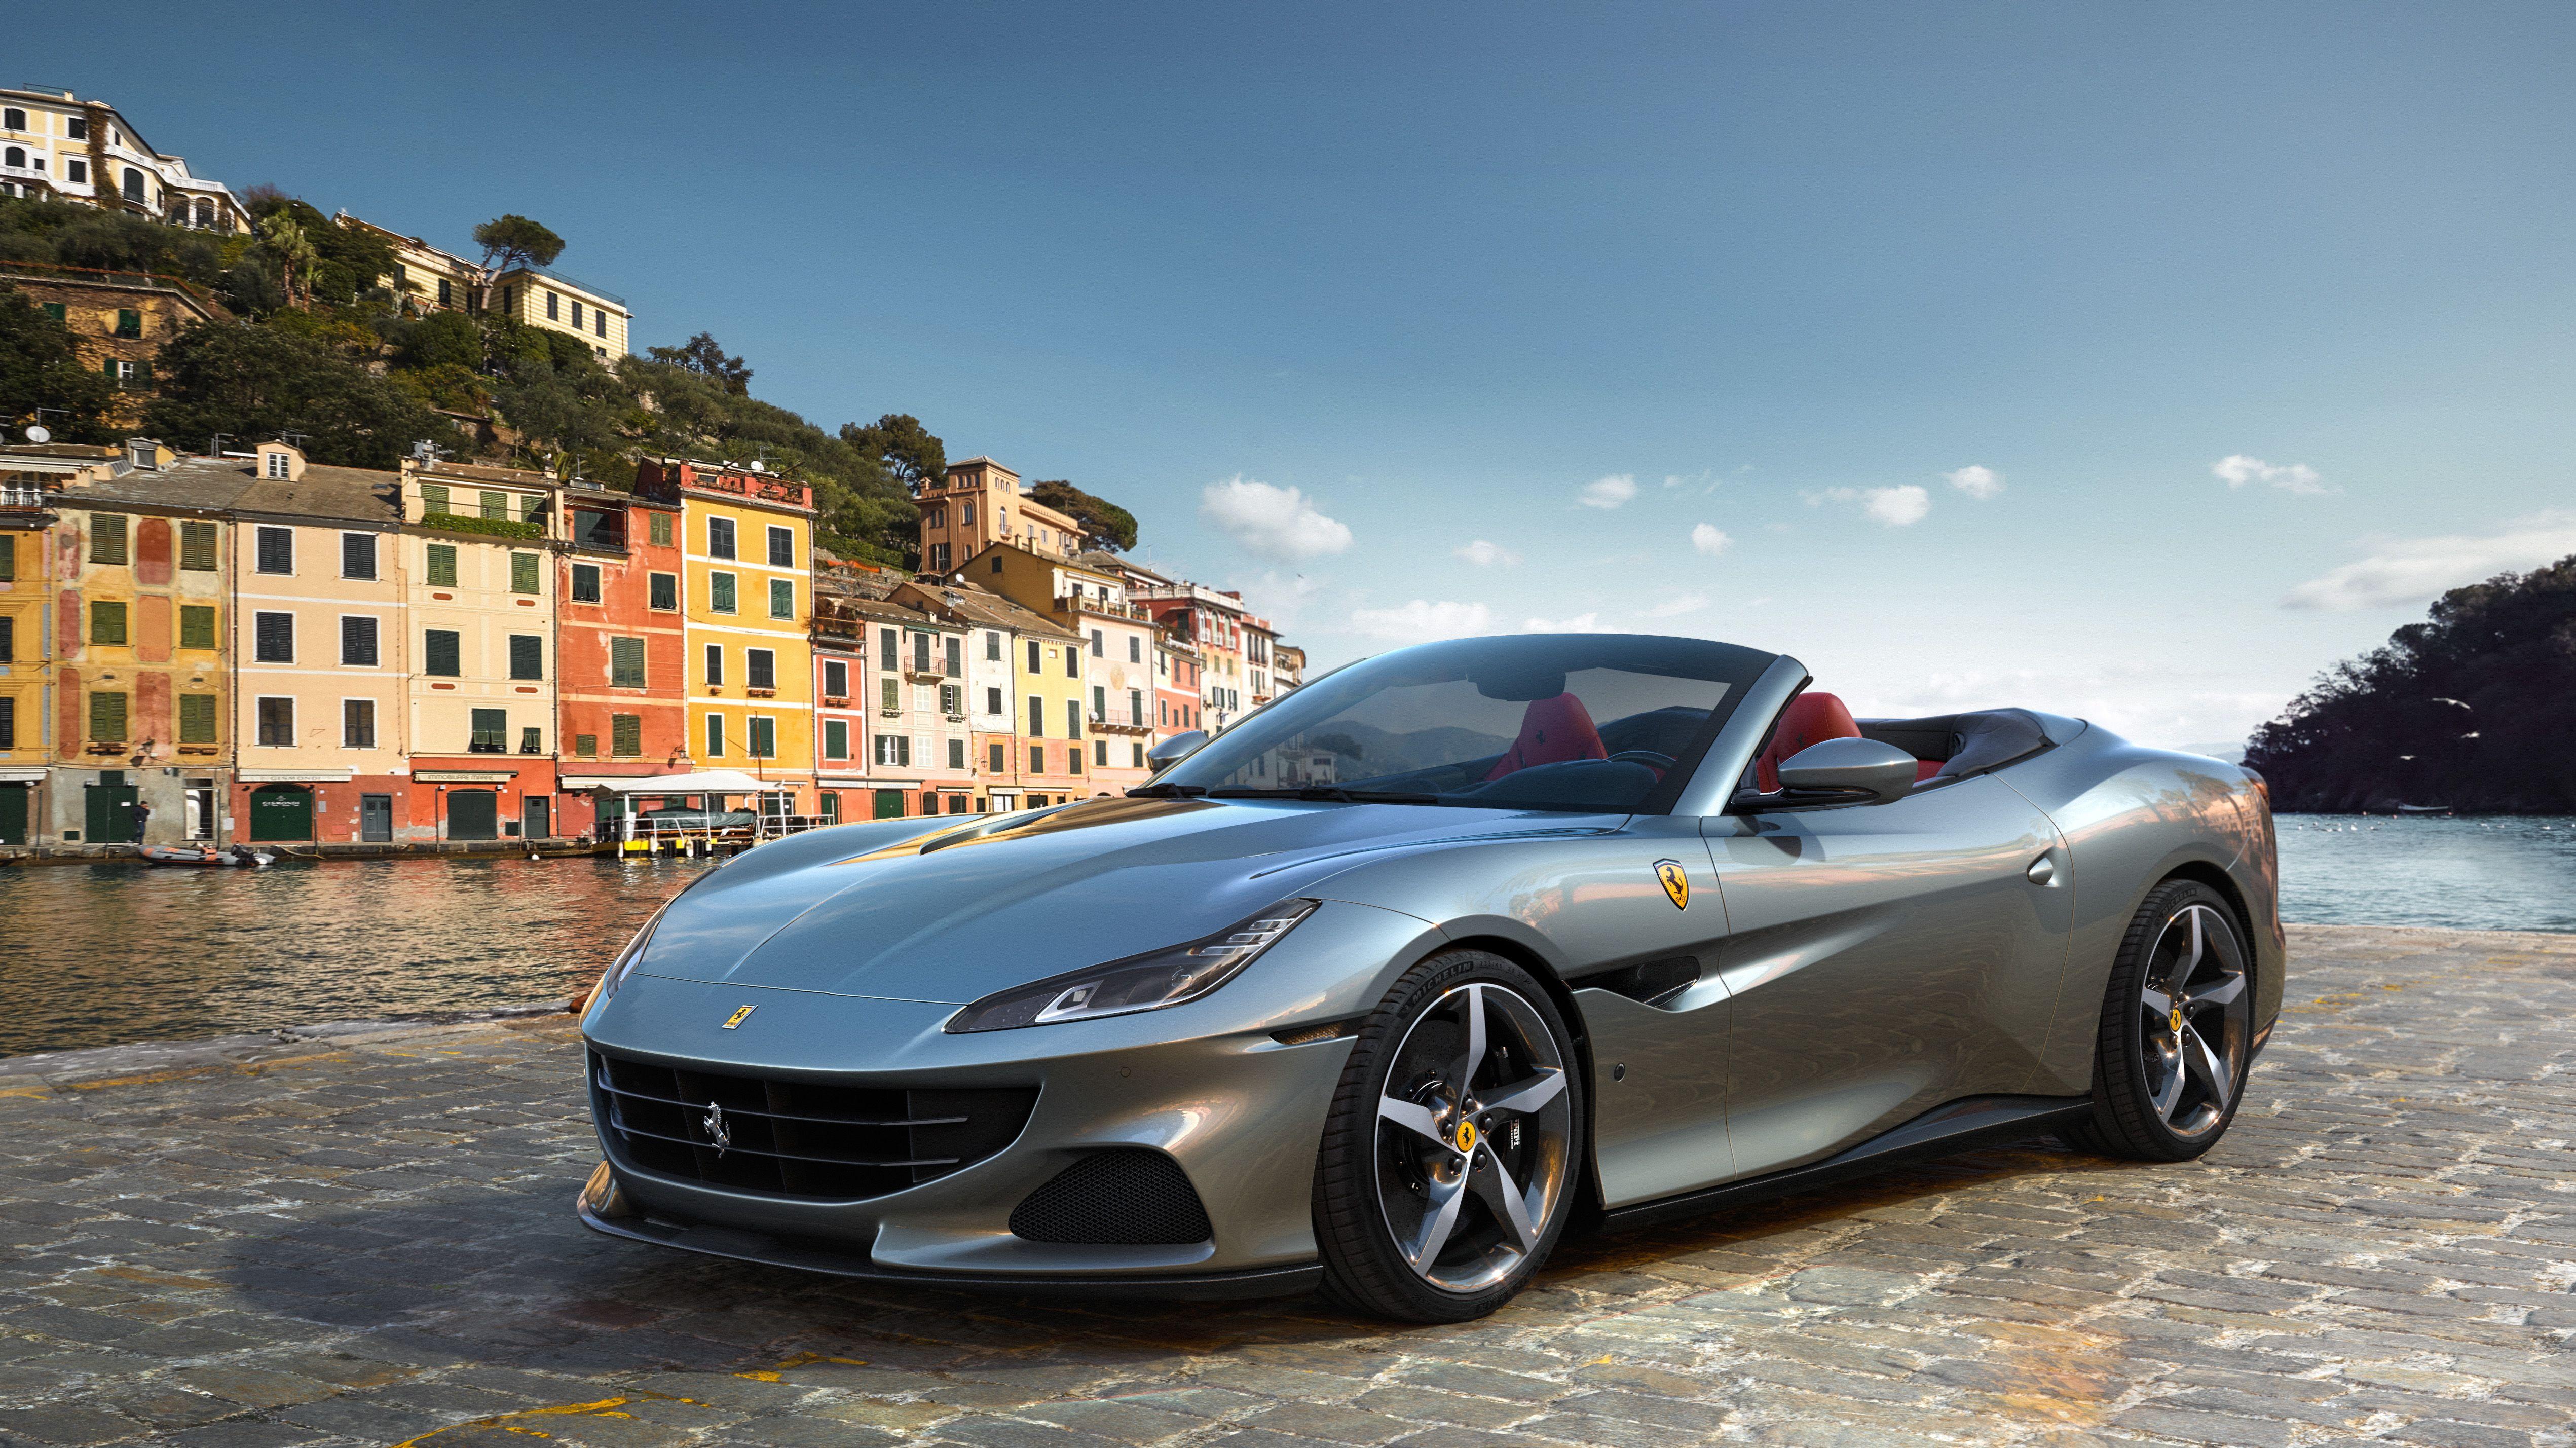 Ferrari Portofino M Is A 612 Hp Update To Ferrari S Starter Gt